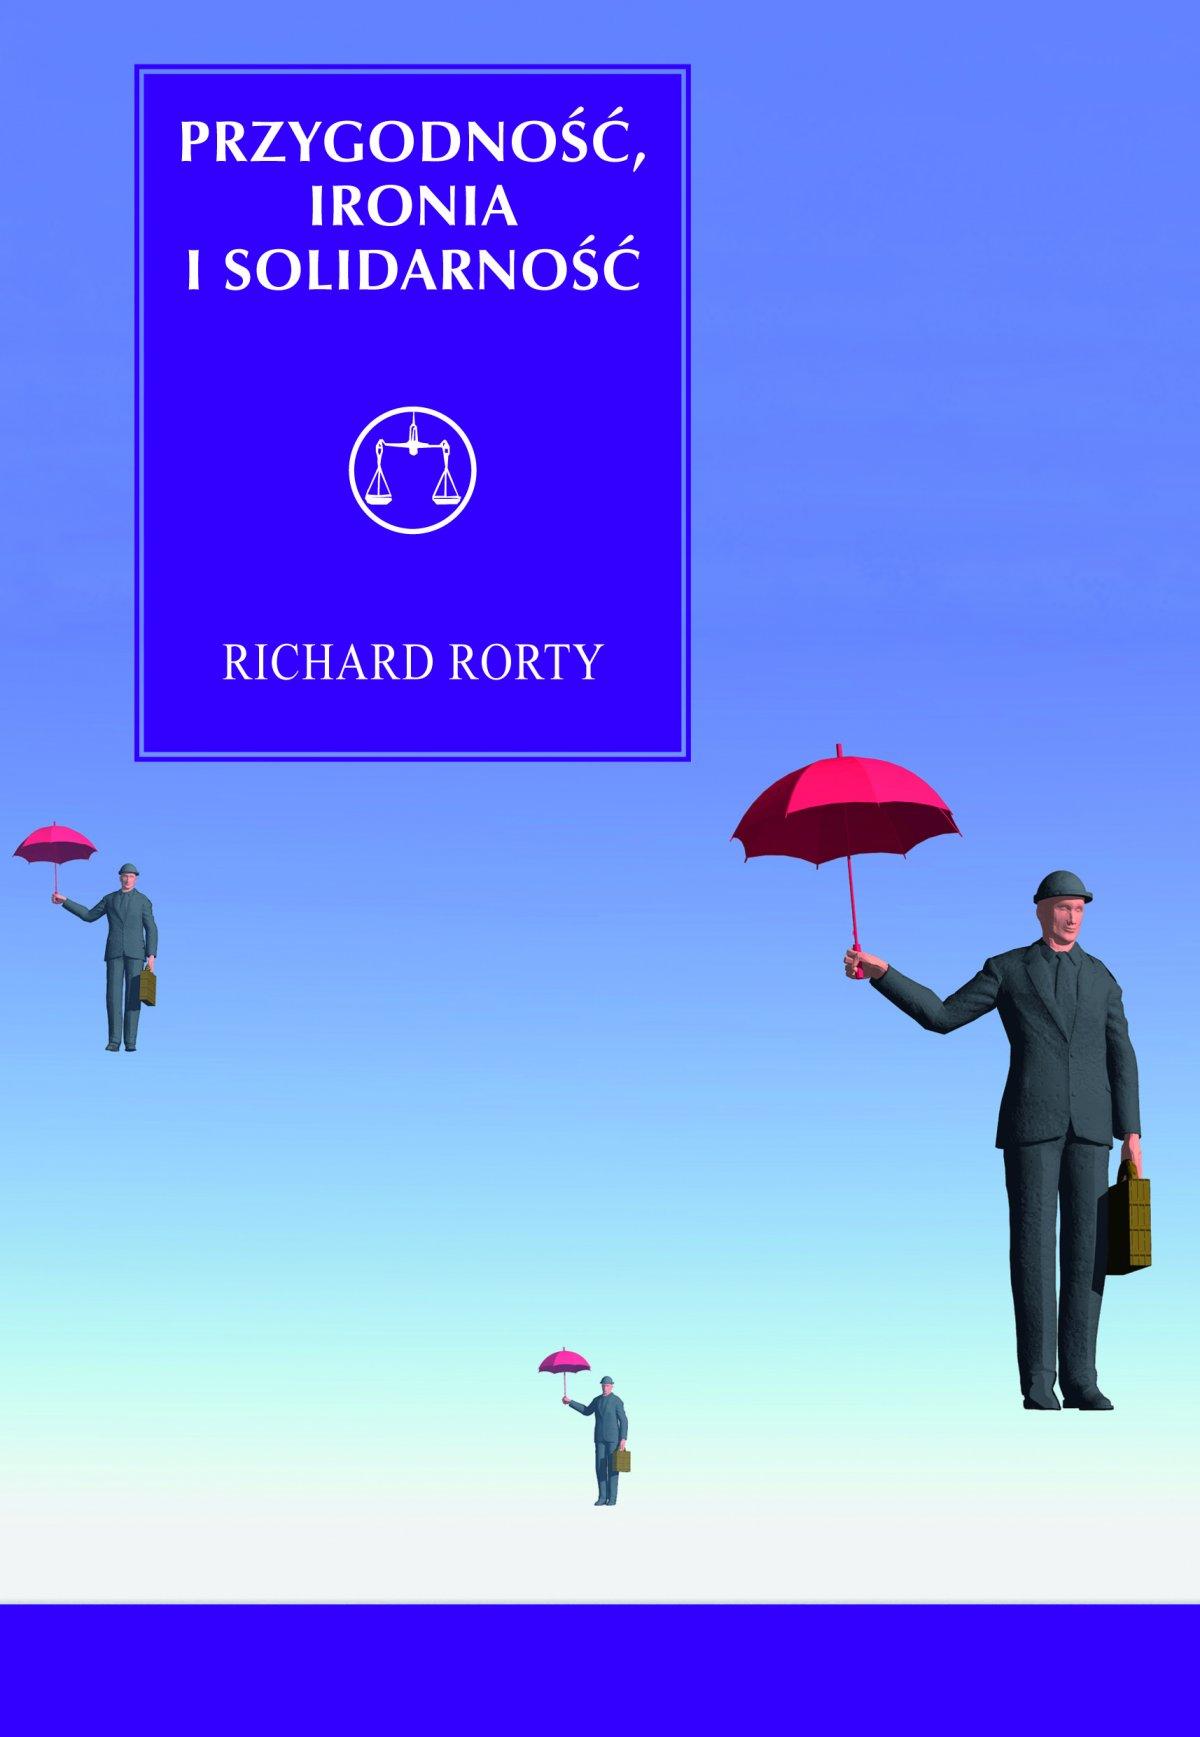 Przygodność, ironia i solidarność - Ebook (Książka EPUB) do pobrania w formacie EPUB